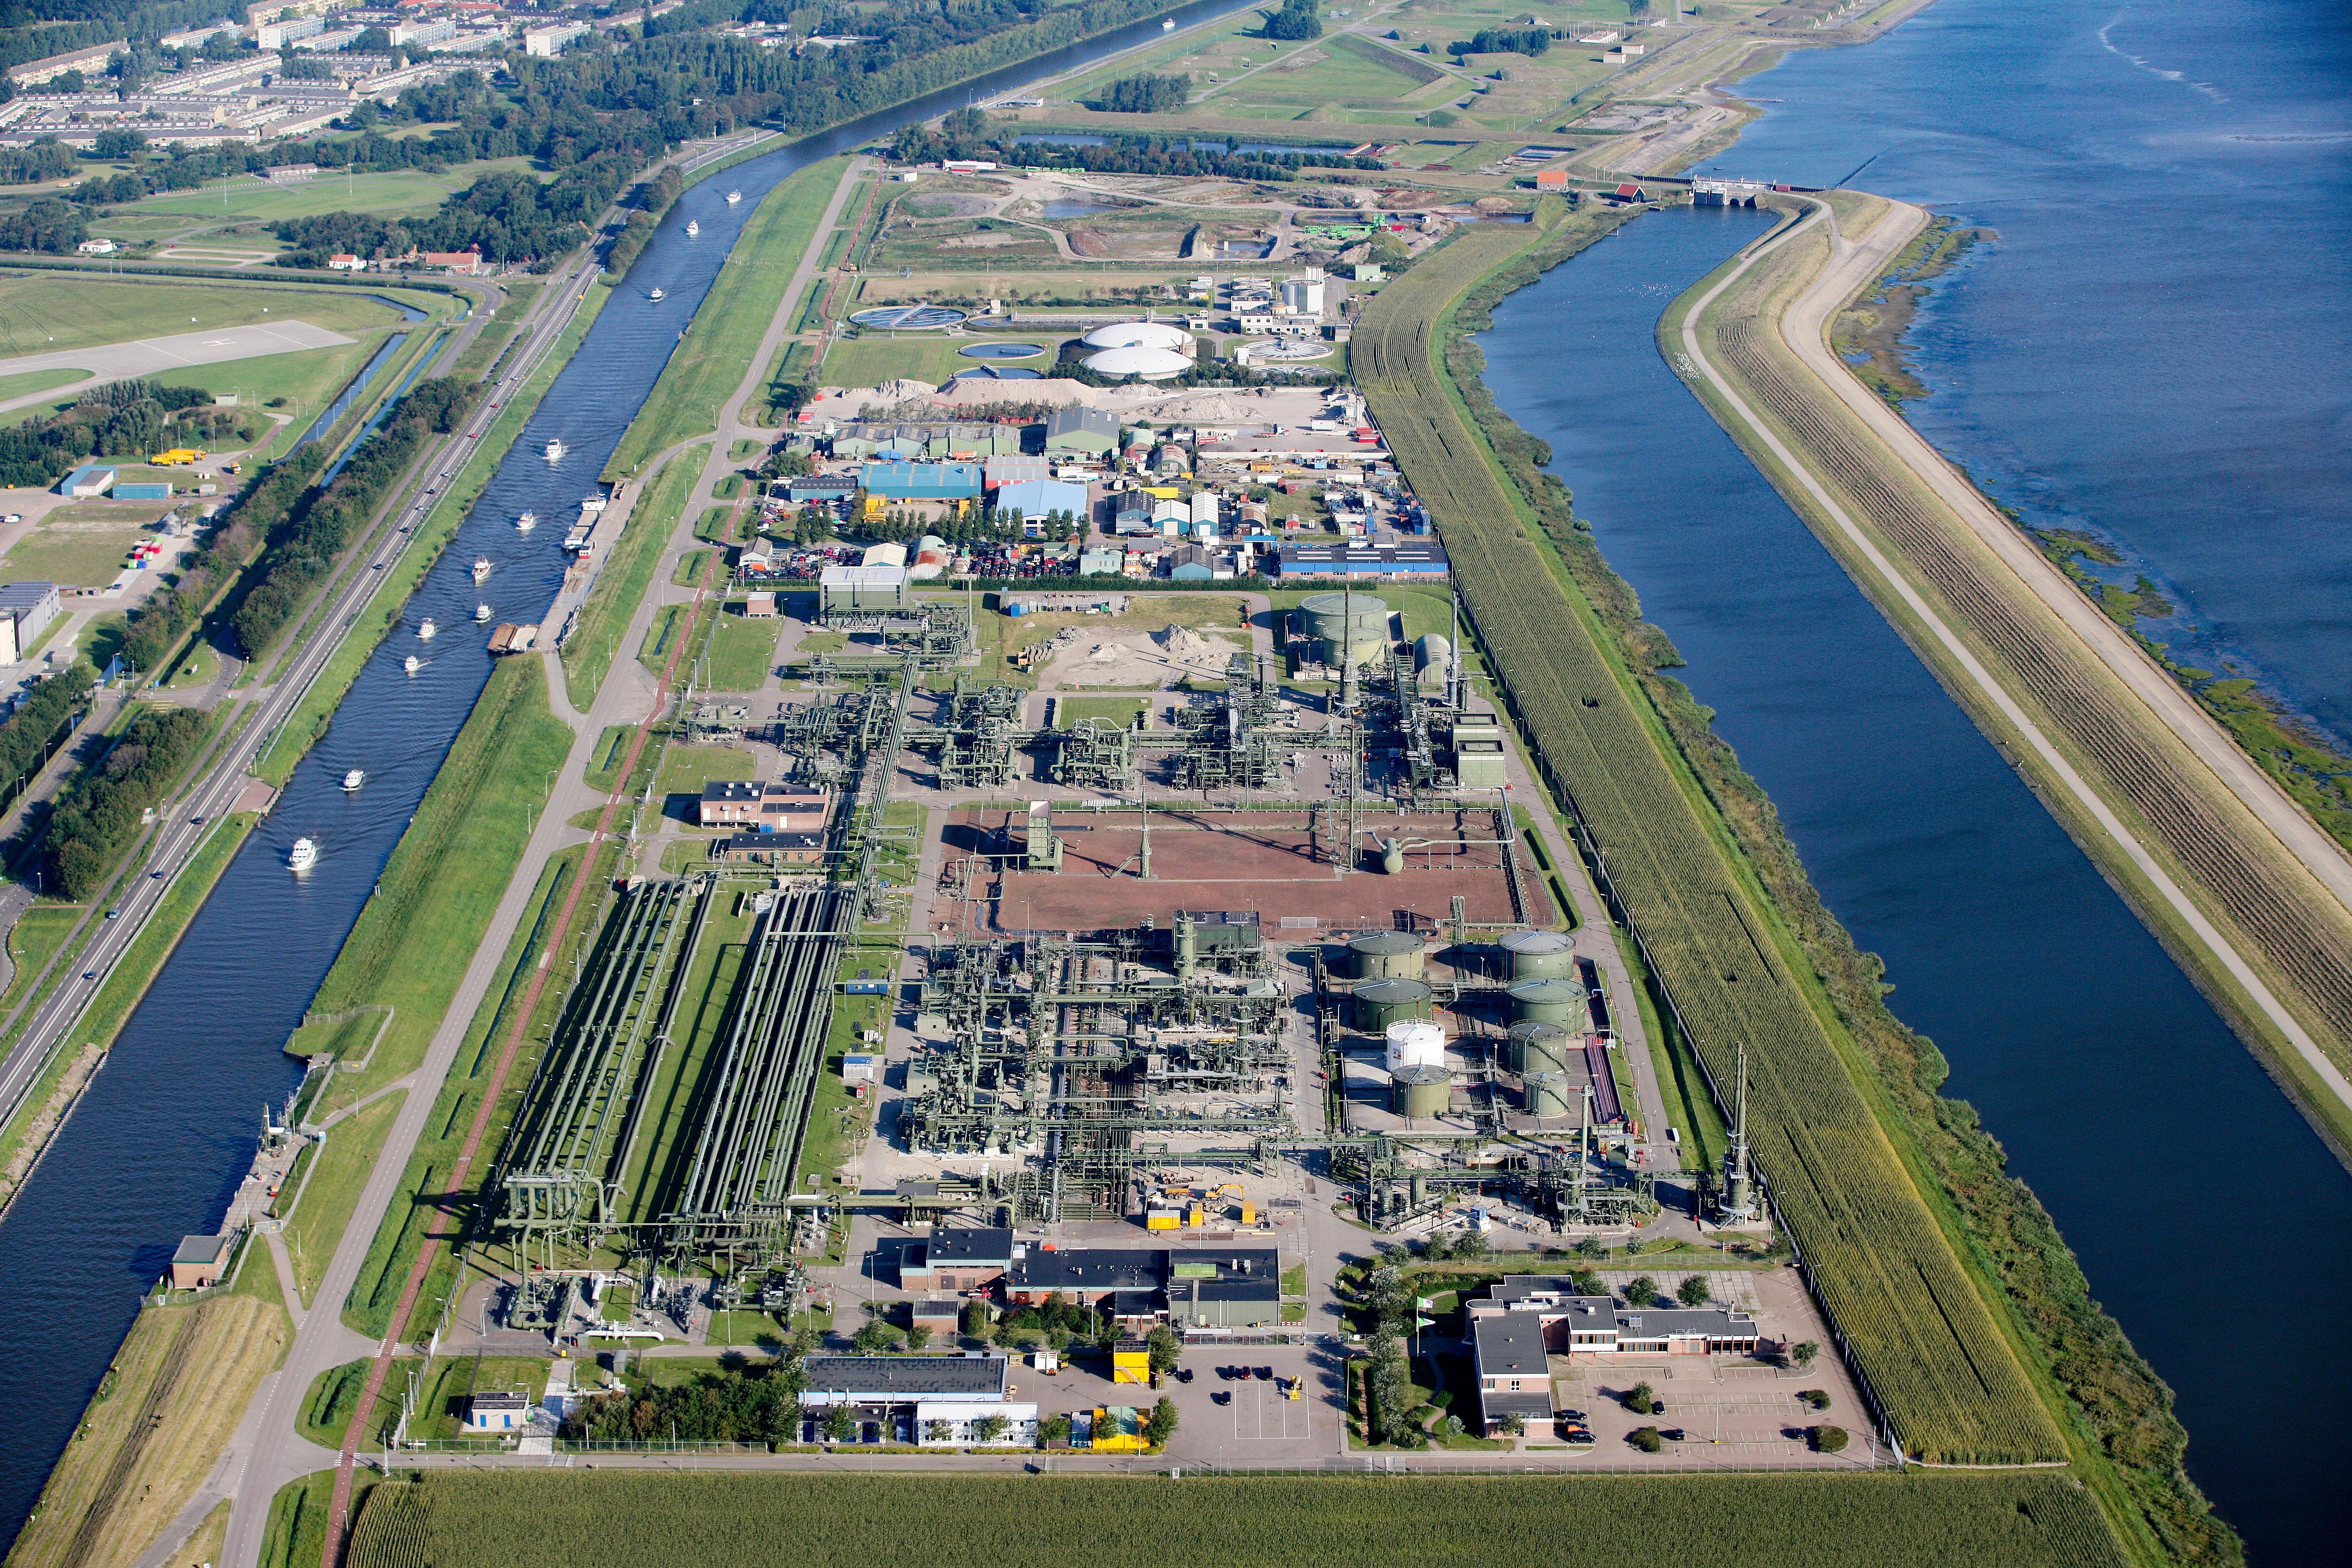 Met de aanleg van een zonnepark op Oostoever, komt de productie van groene waterstof een stap dichterbij. Het park gaat komend jaar stroom produceren